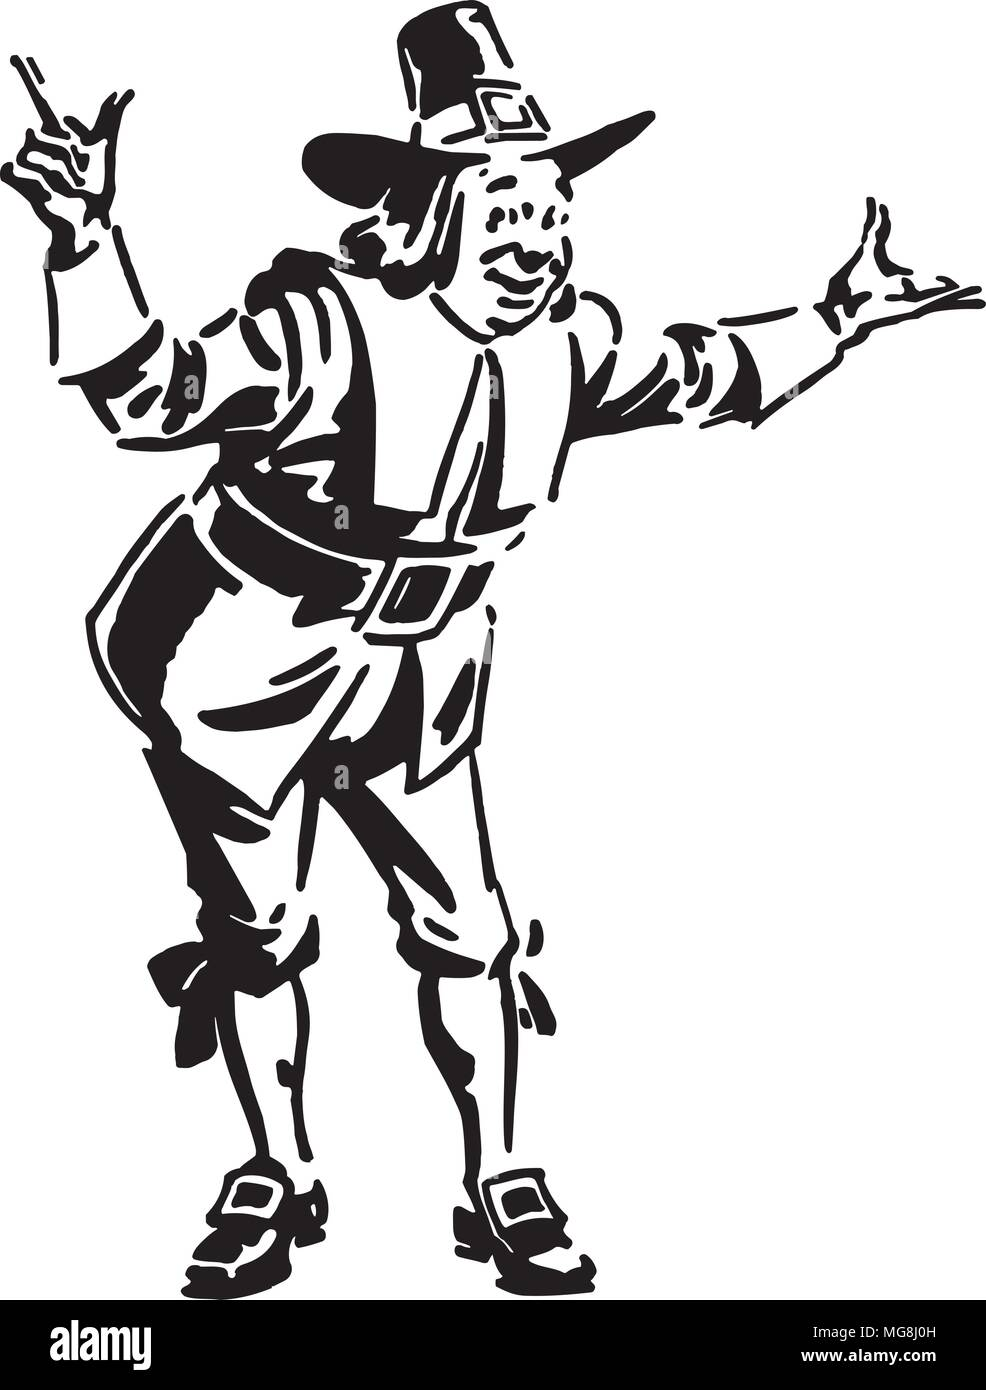 Pilgrim Man - Retro Clipart Illustration - Stock Image